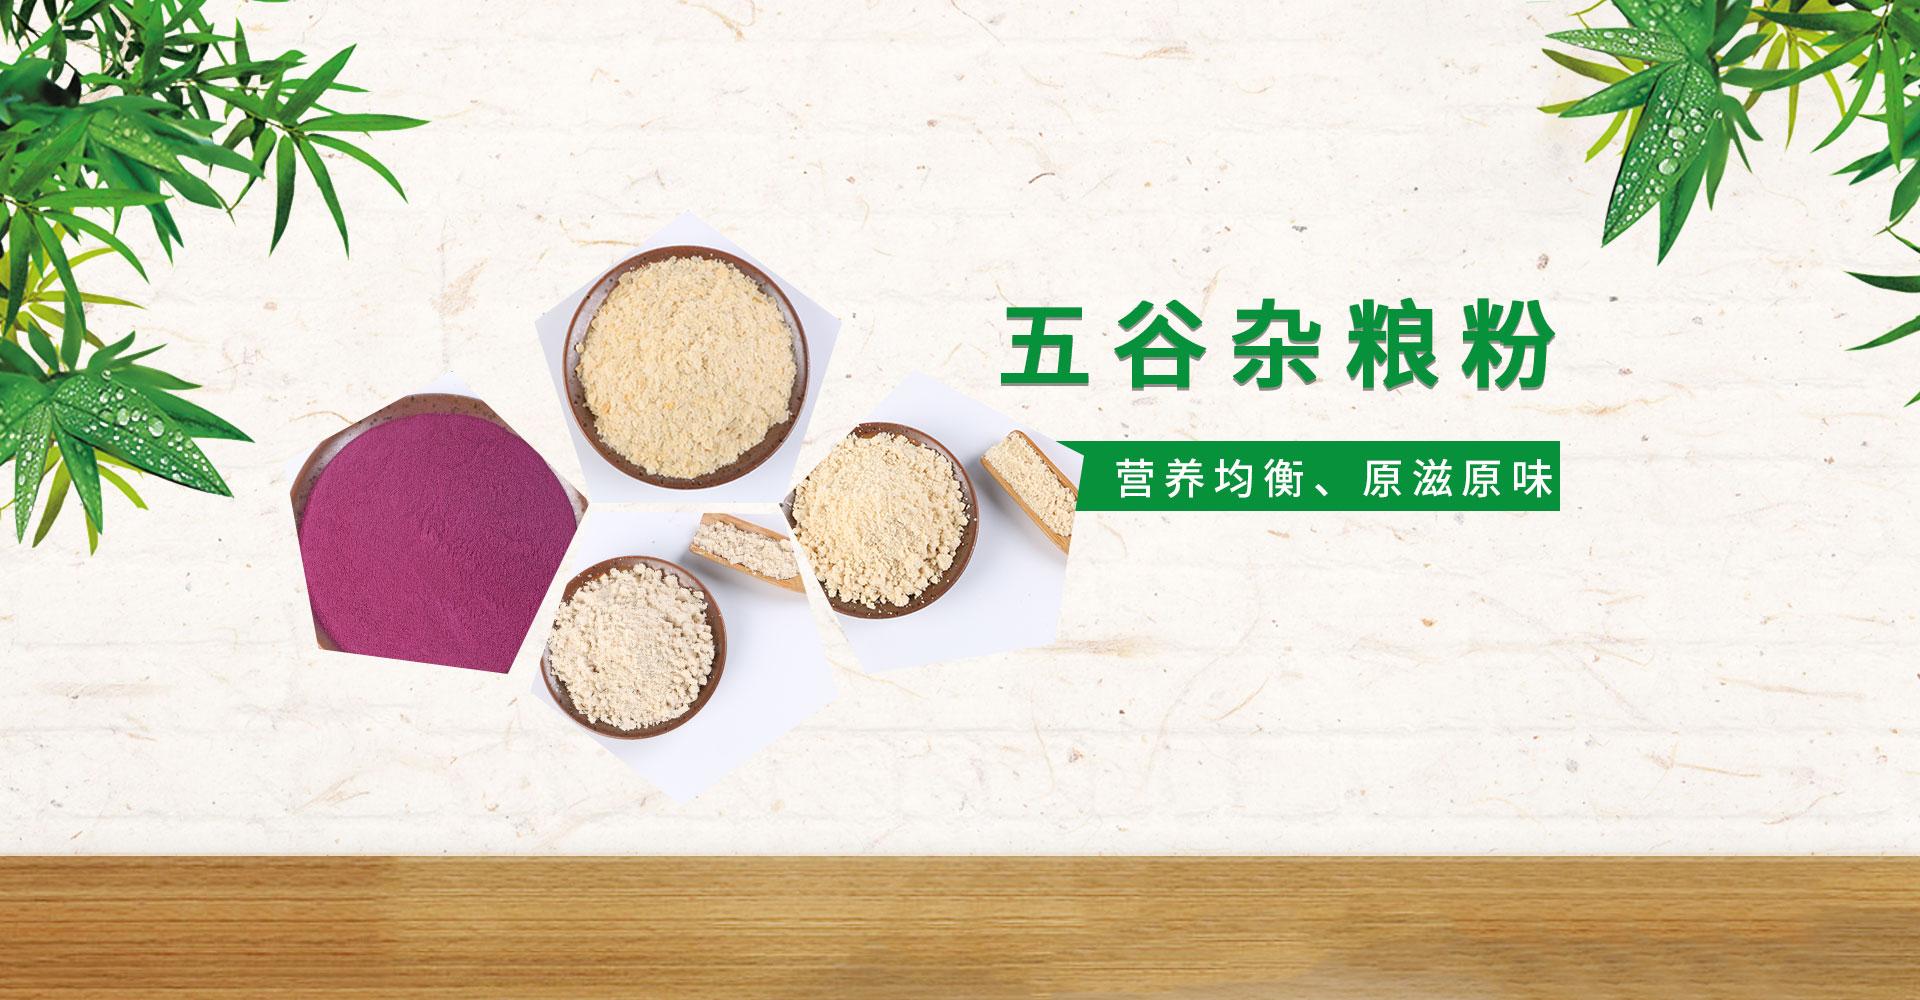 兴化市长虹食品有限公司